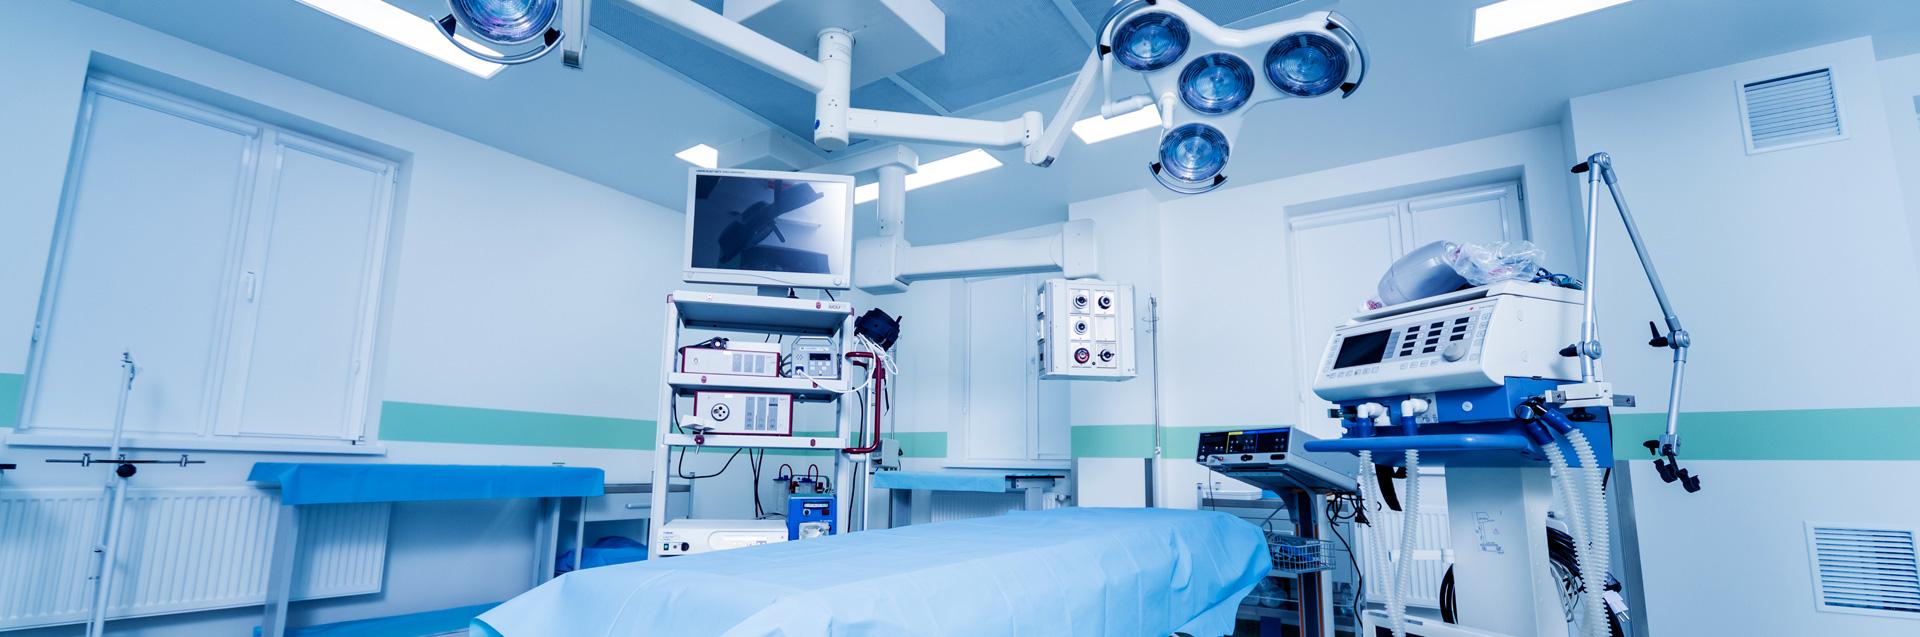 Hospital-Equipment